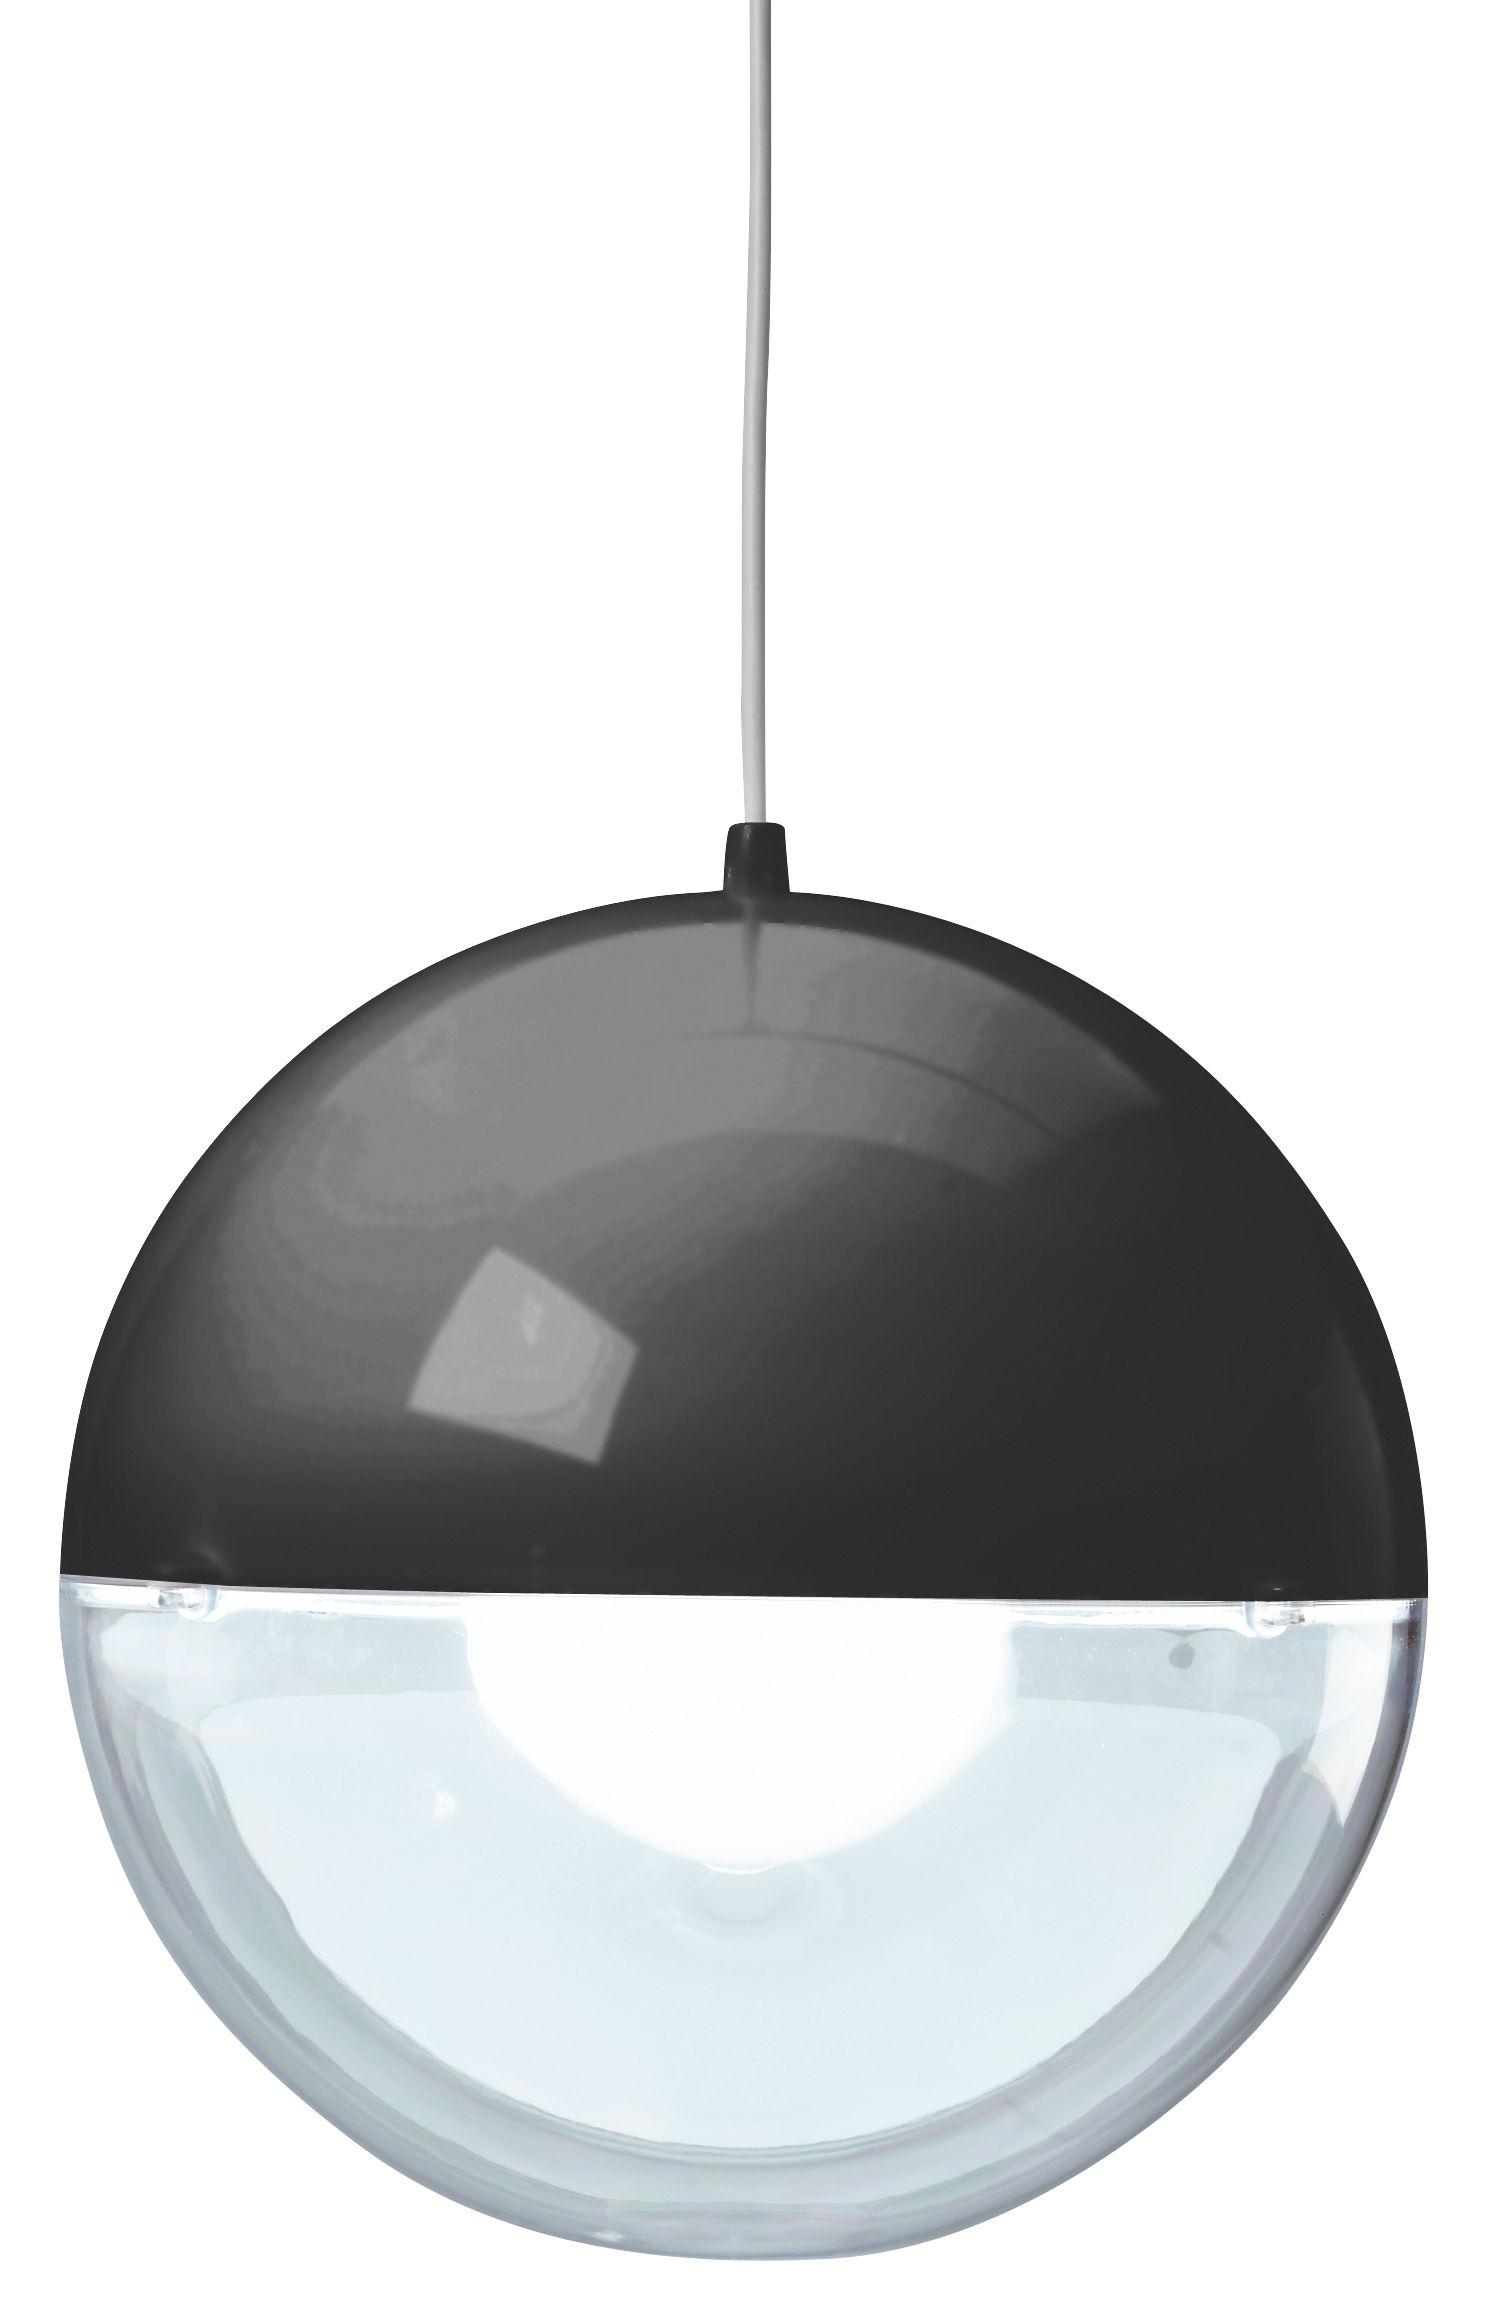 Lighting - Pendant Lighting - Orion Pendant by Koziol - Black / Transparent - Polystyrene